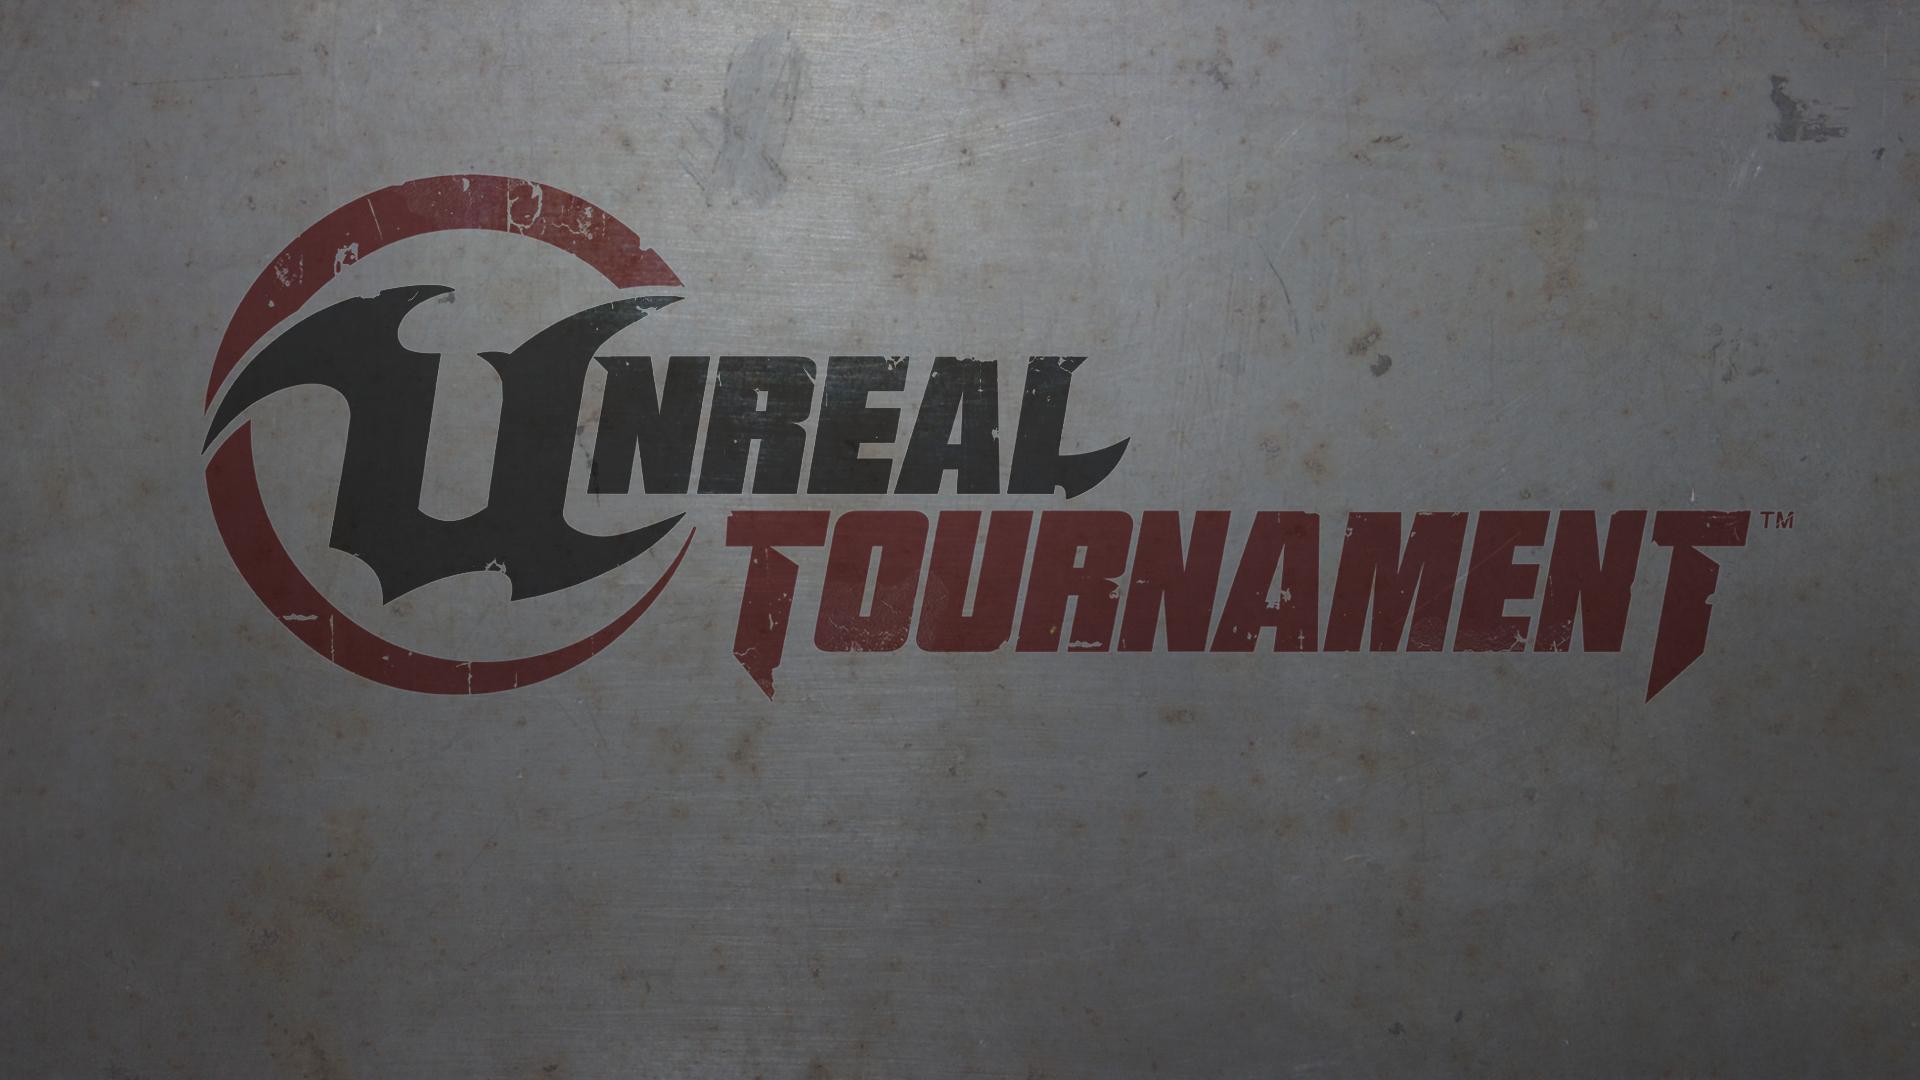 UT_logo2_rk-1920x1080-216679807